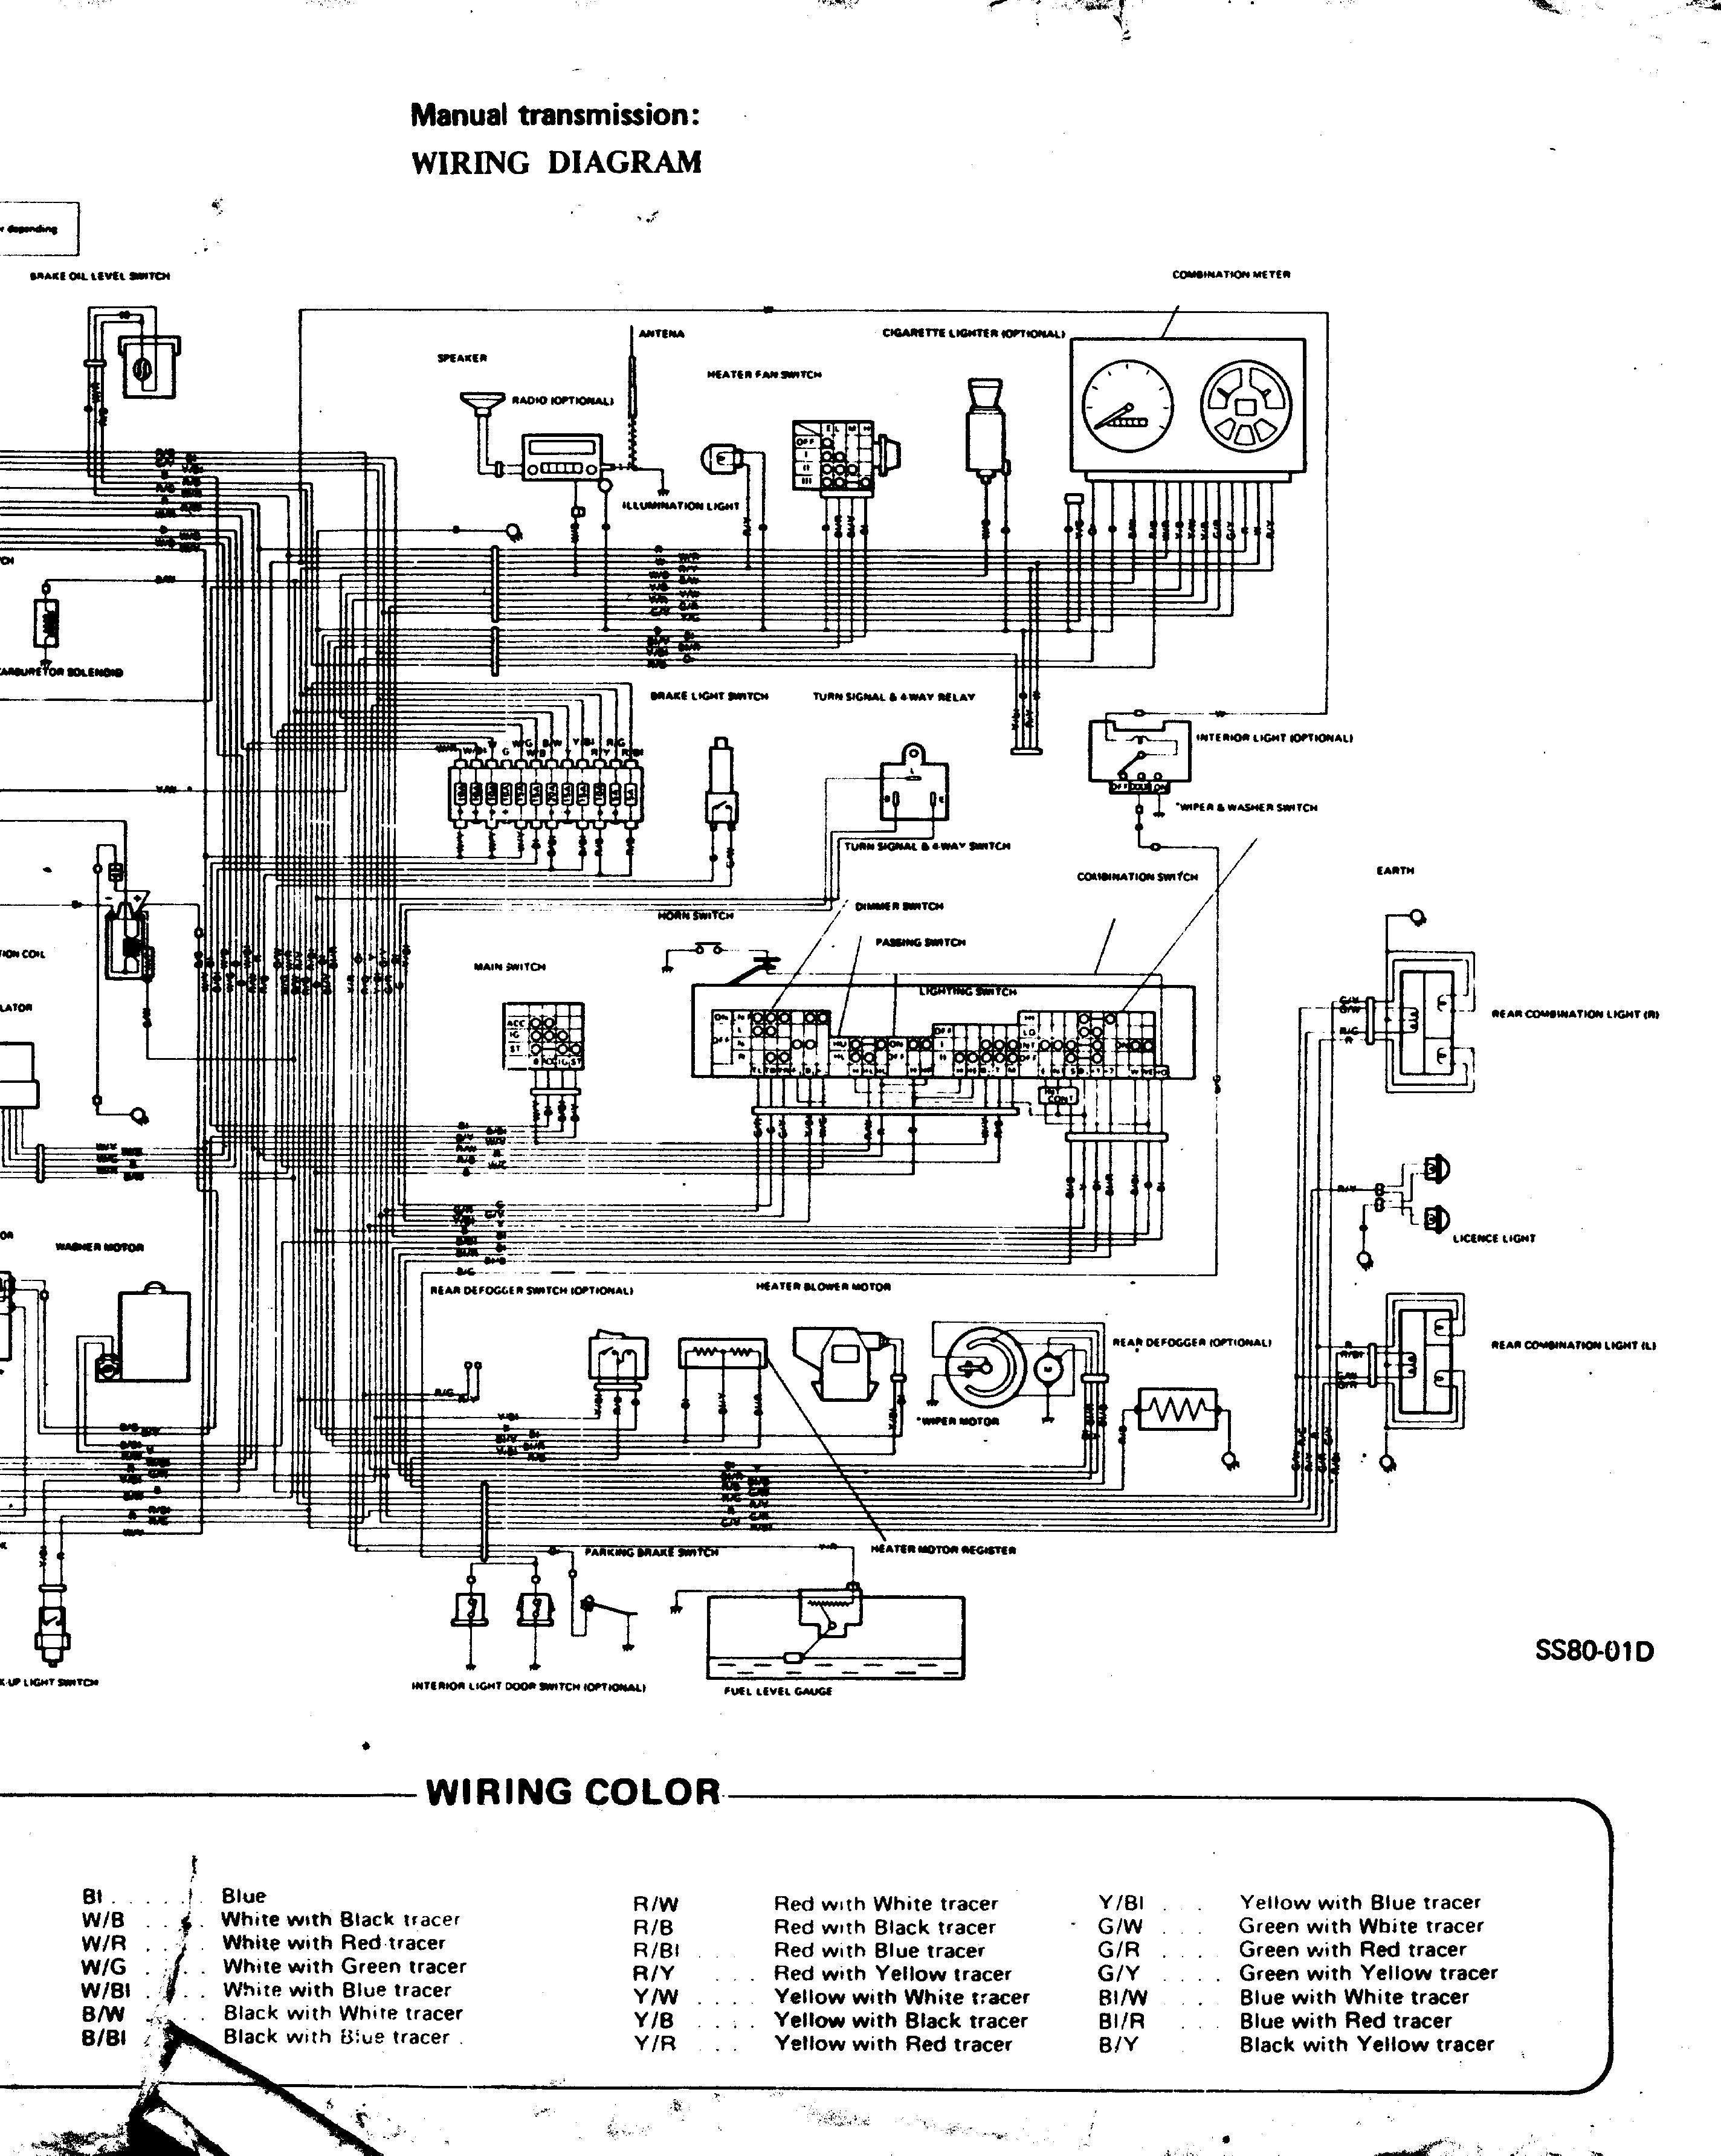 P 0996b43f8036fcd9 in addition 2007 Suzuki Forenza Serpentine Belt Diagram moreover Suzuki Verona Fuse Box moreover 2005 Suzuki Forenza Cooling System Diagram furthermore 2006 Scion Tc Cigarette Lighter Fuse Location. on 2004 suzuki forenza fuse box diagram